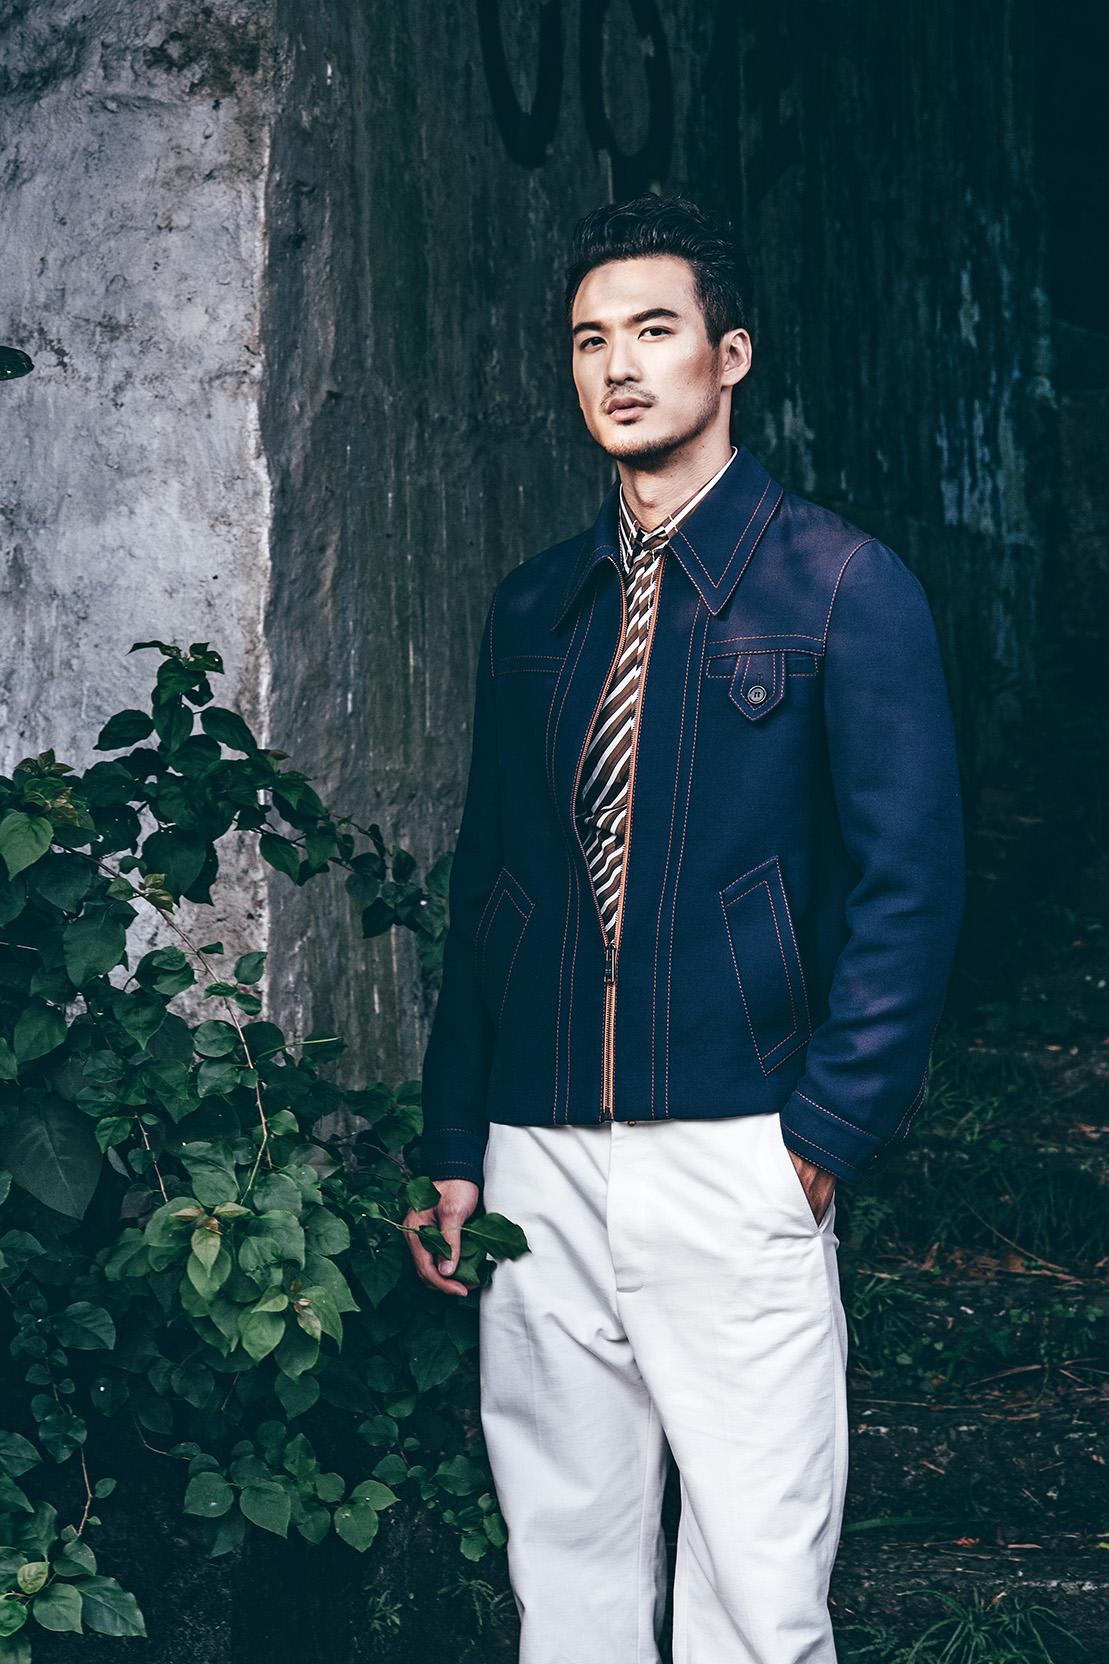 棕色斜紋衫與深藍色夾克呈現出鮮明的對比,搭配上白褲款呈現出搶眼的風格。